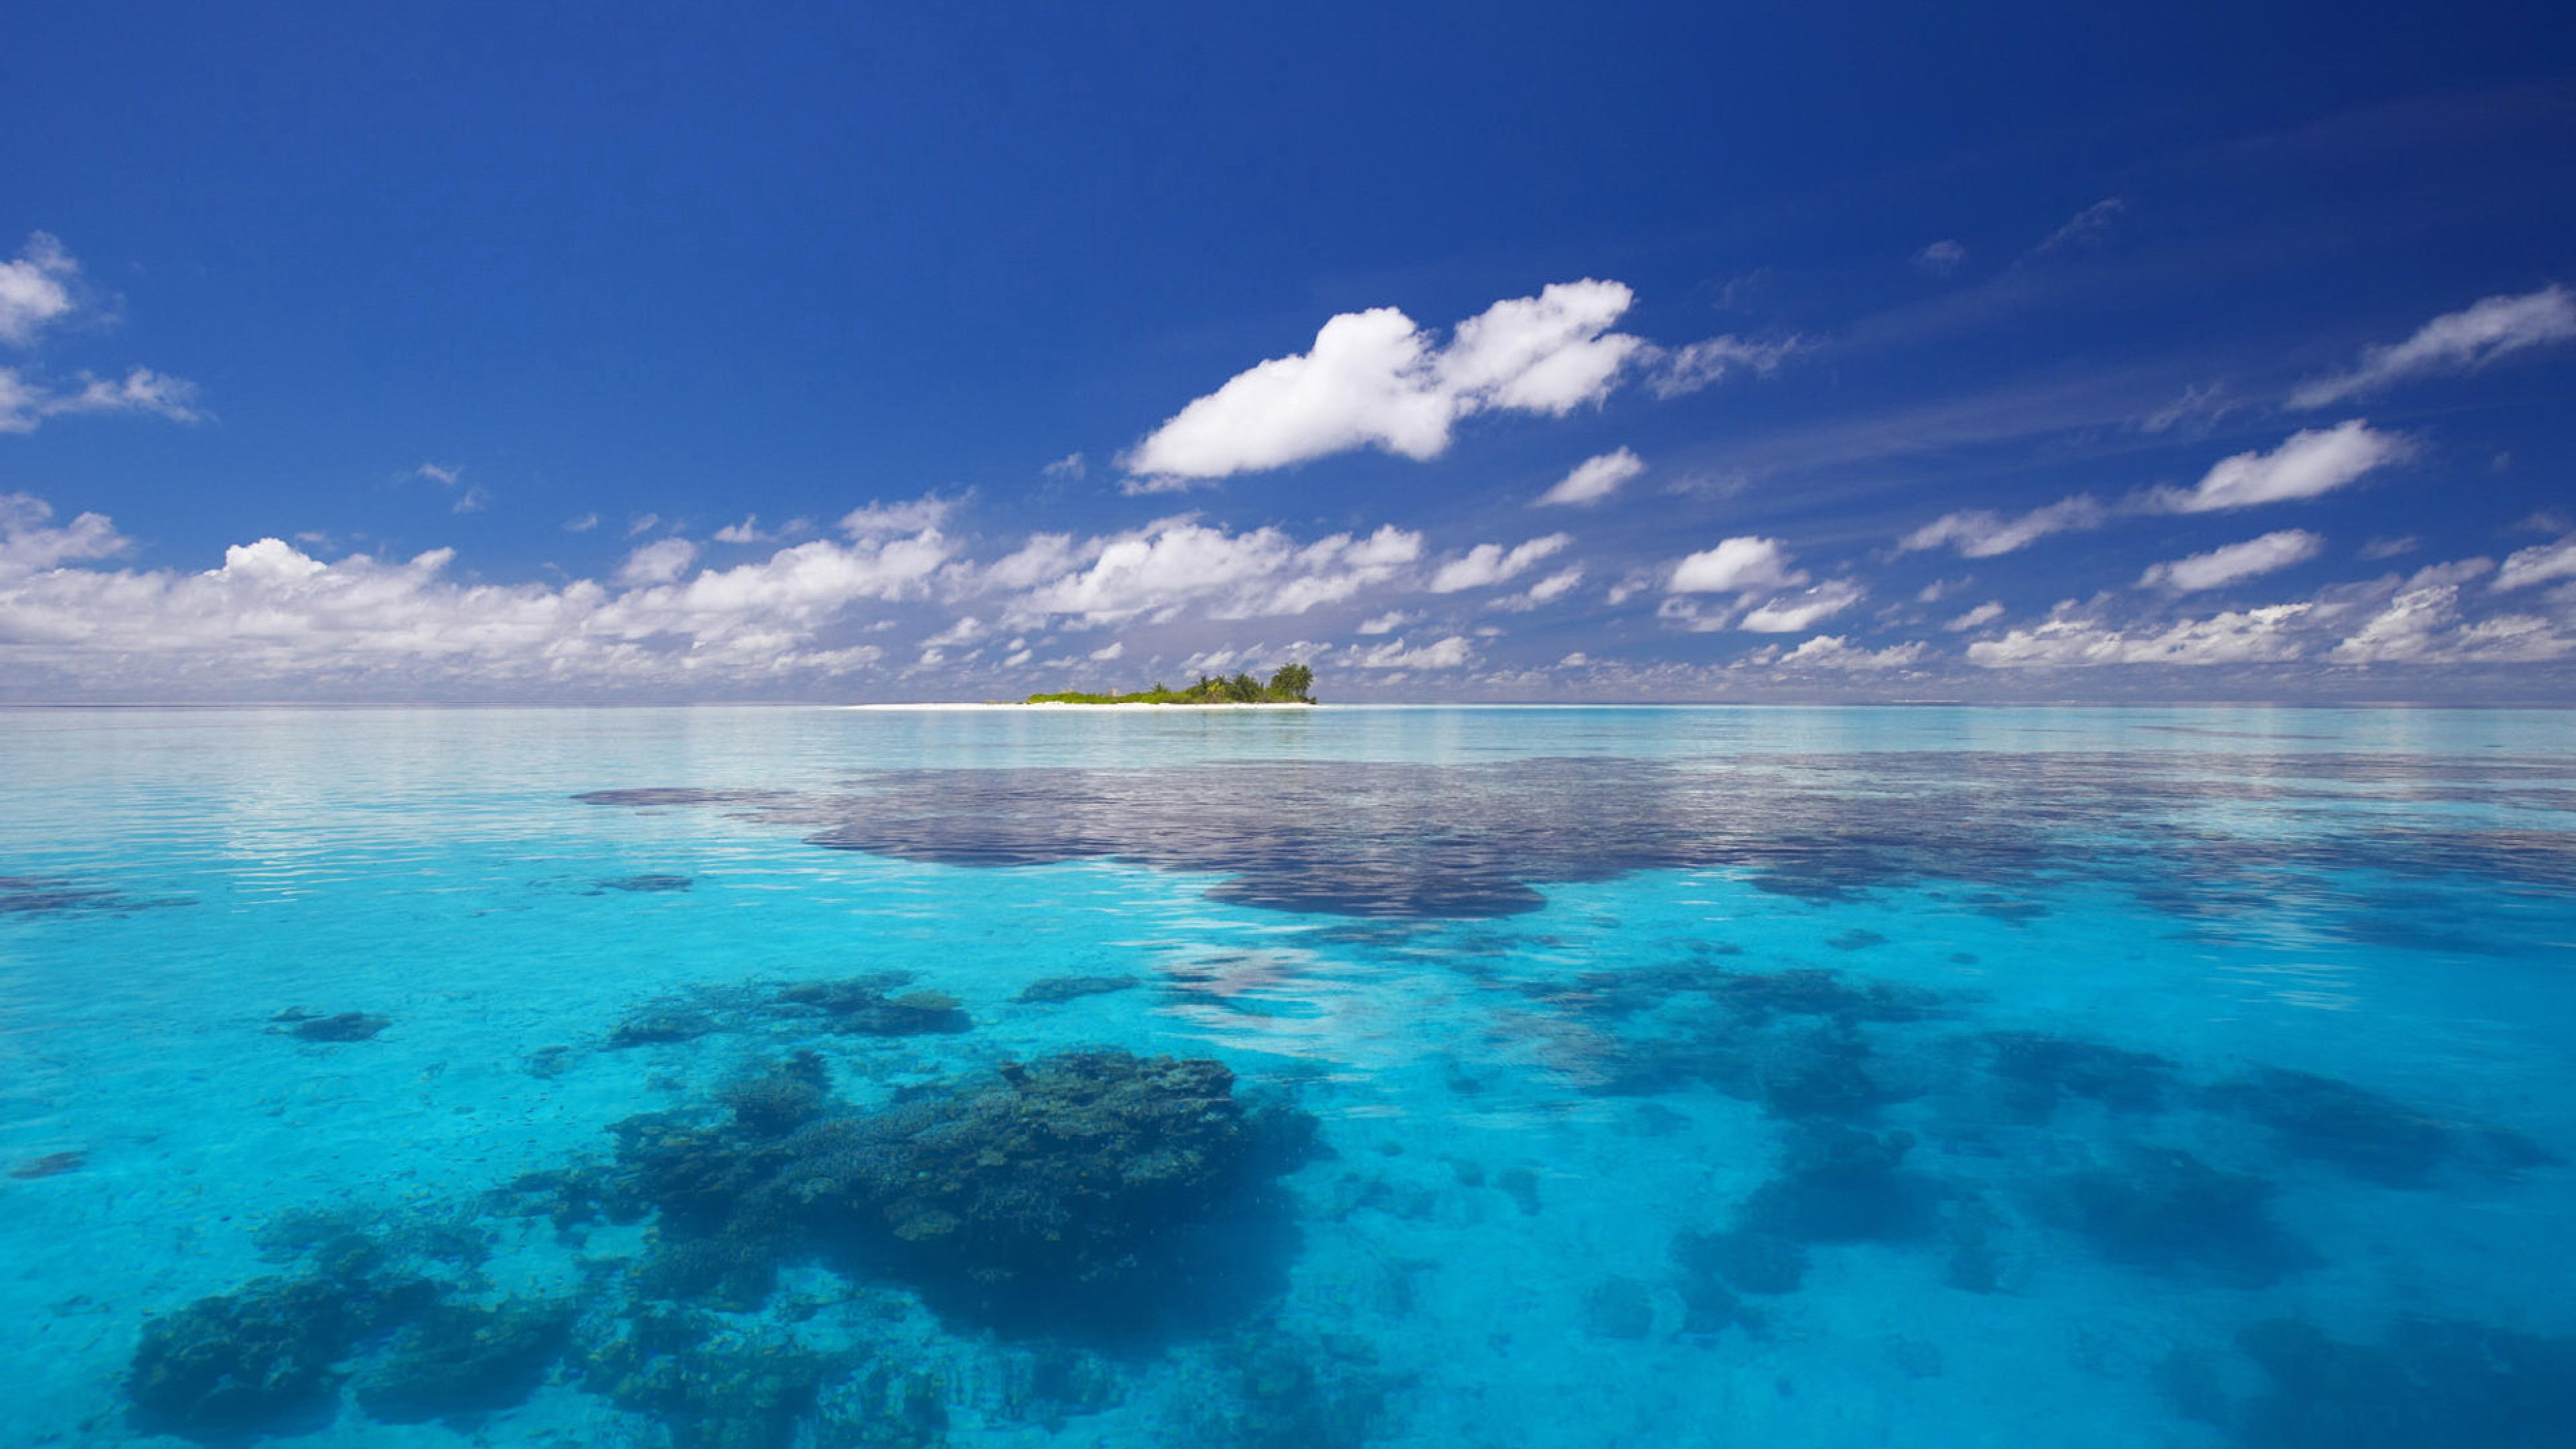 Фото обои морской пейзаж 3